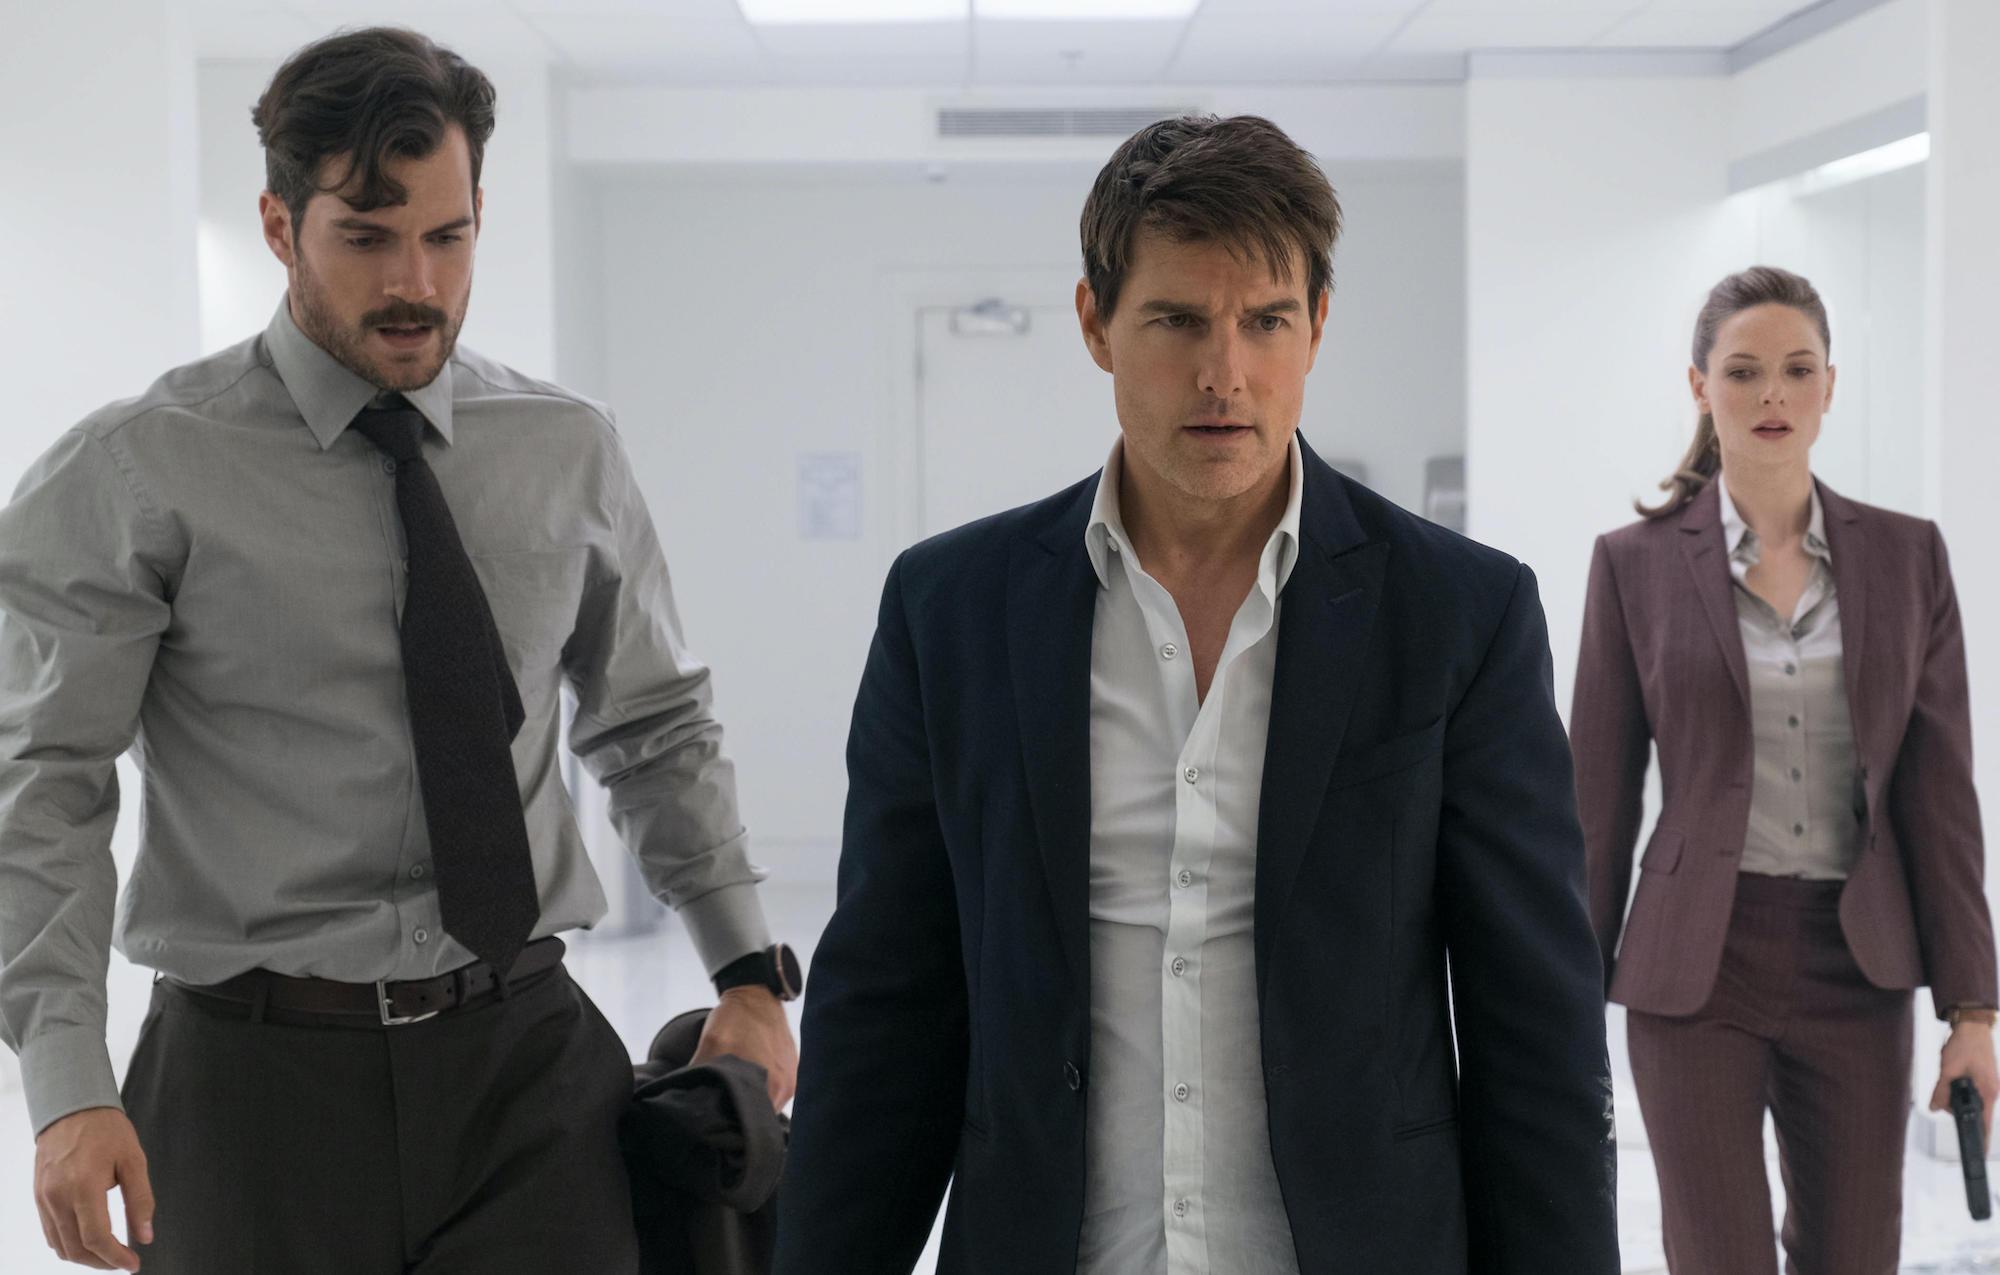 Paramount atualiza seu calendário de estreias no Brasil com novas datas de Top Gun: Maverick, Missão Impossível 7 e mais